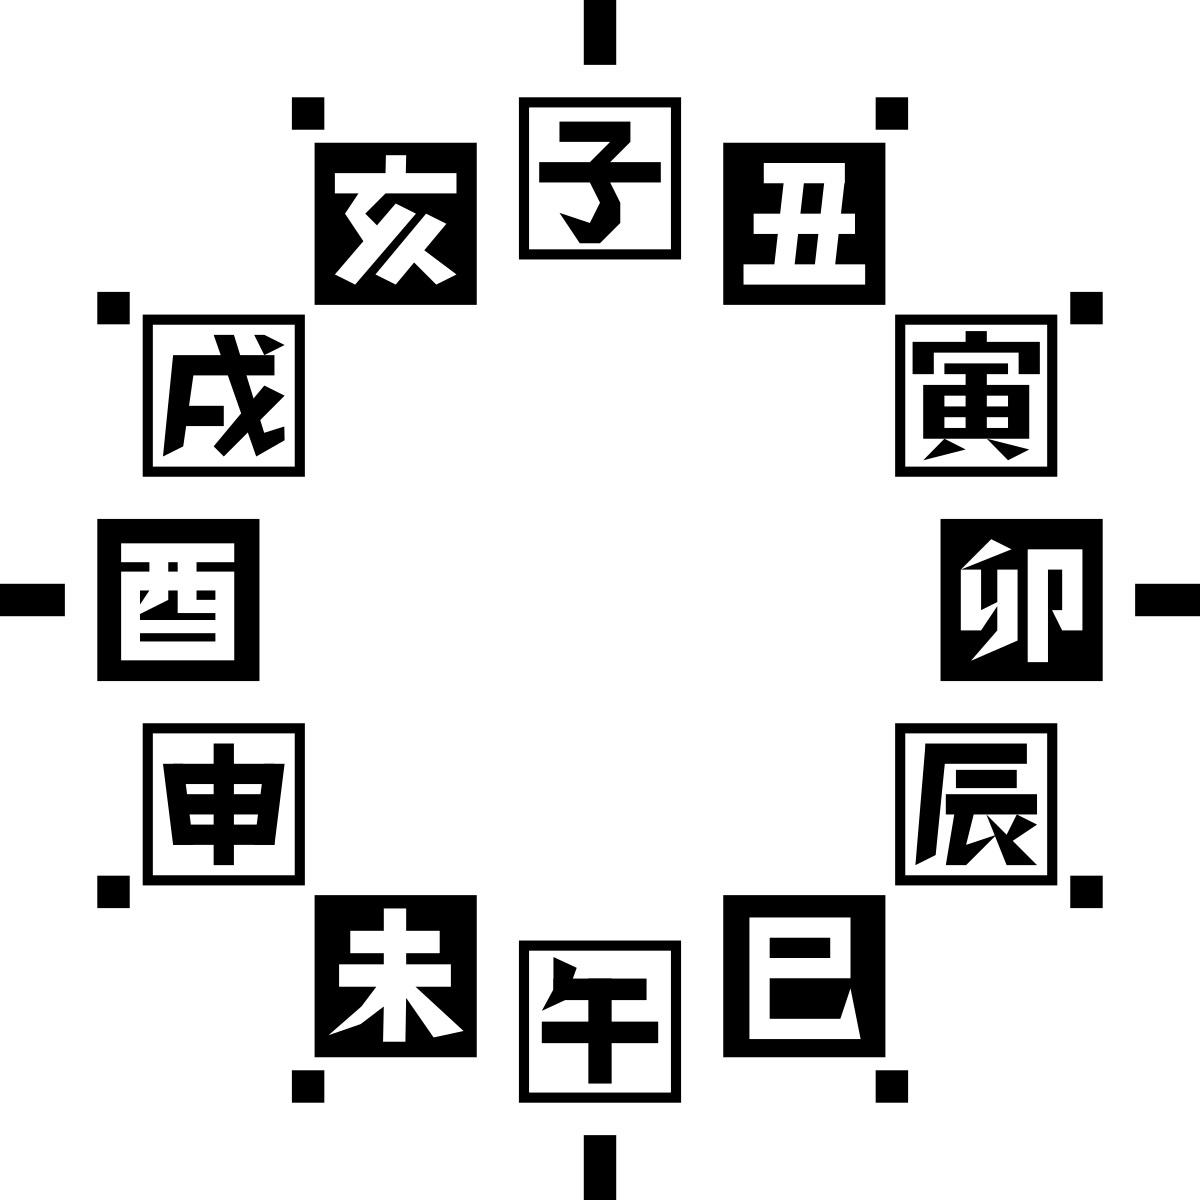 復縁占いにおける六星占術の見方とアプローチへの活用法